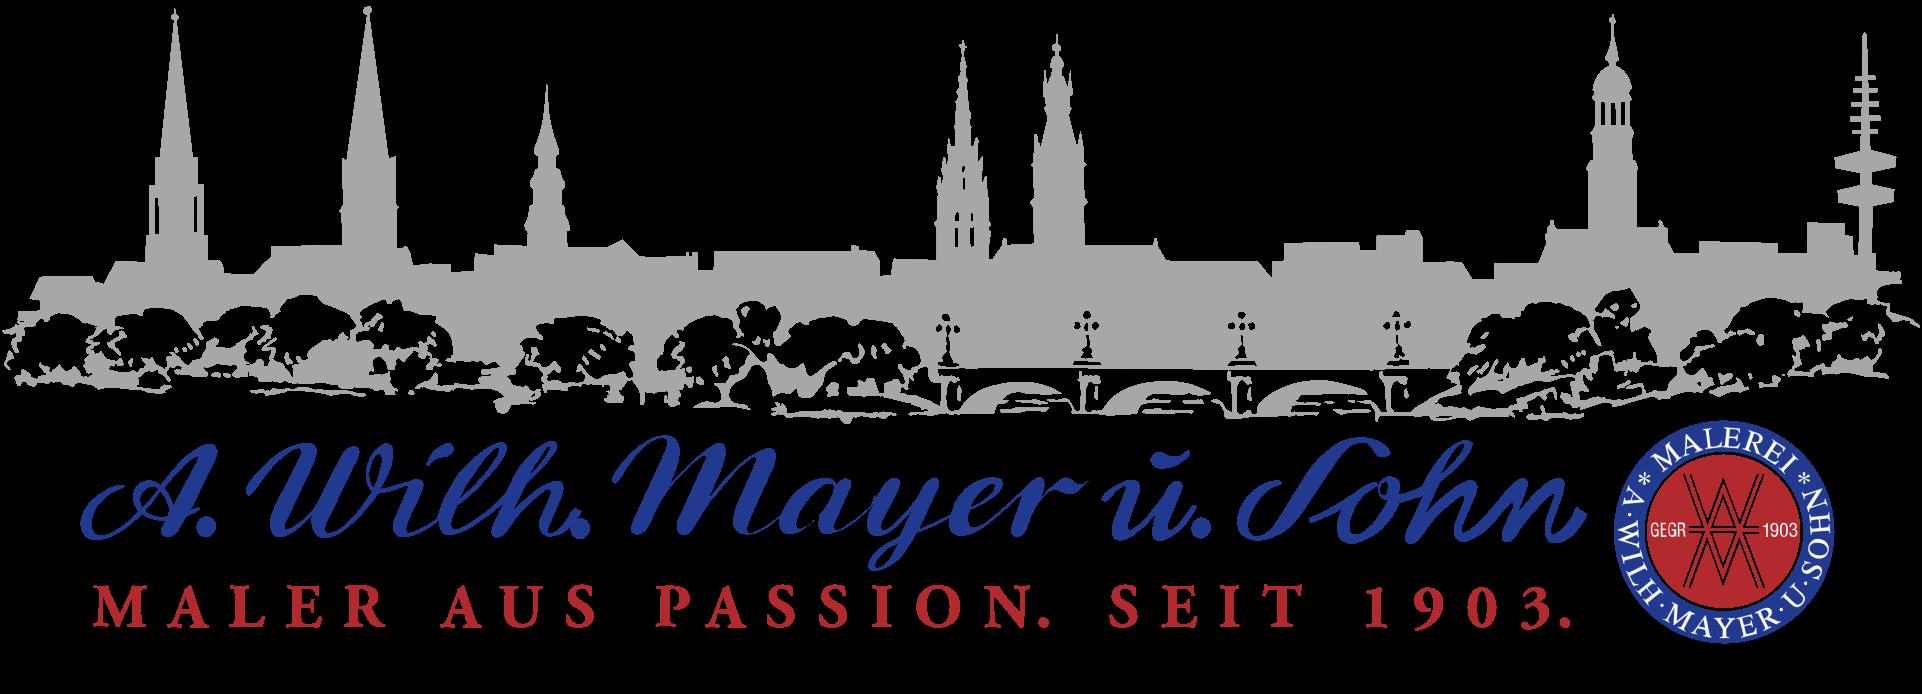 Willkommen bei A. Wilh. Mayer u. Sohn!